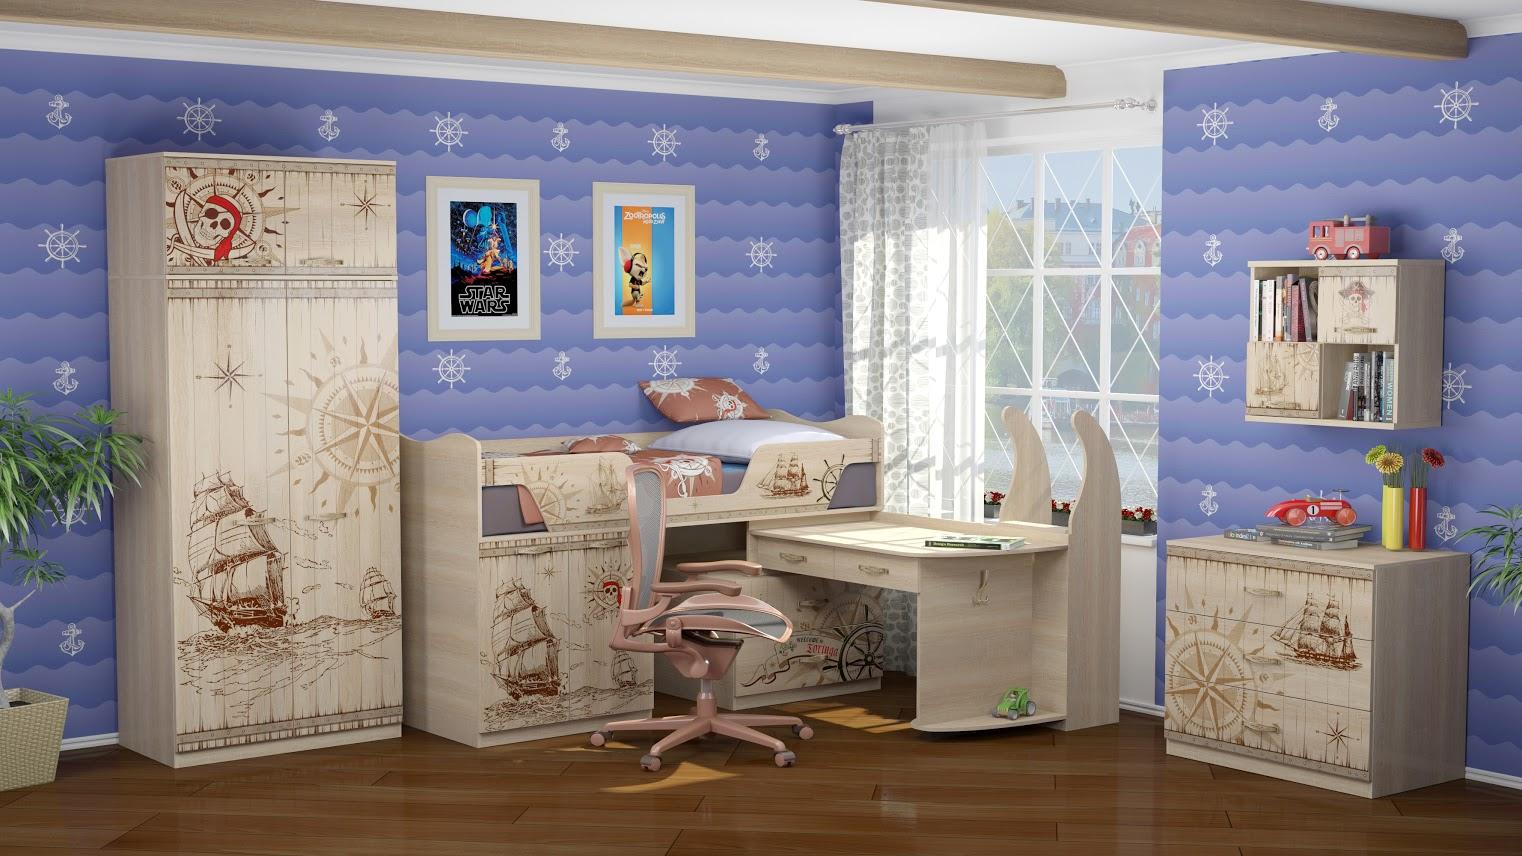 модульная детская мебель квест ижмебель купить недорого в москве с